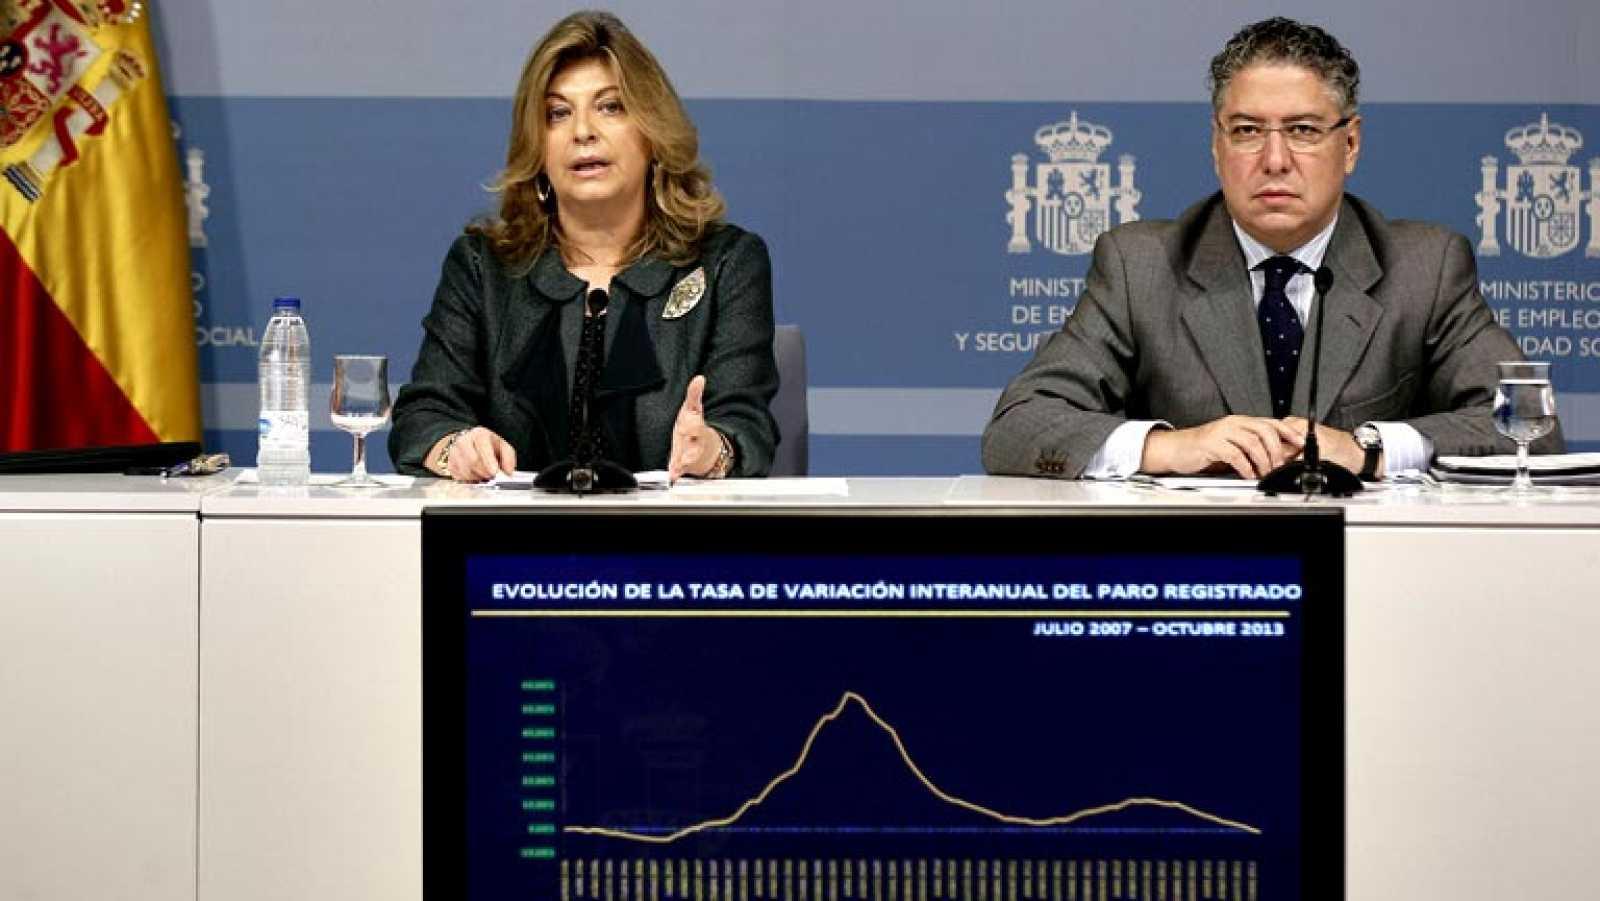 """Engracia Hidalgo: """"Se confirma la tendencia de largo recorrido que nos ha permitido tener menos parados que hace un año"""""""